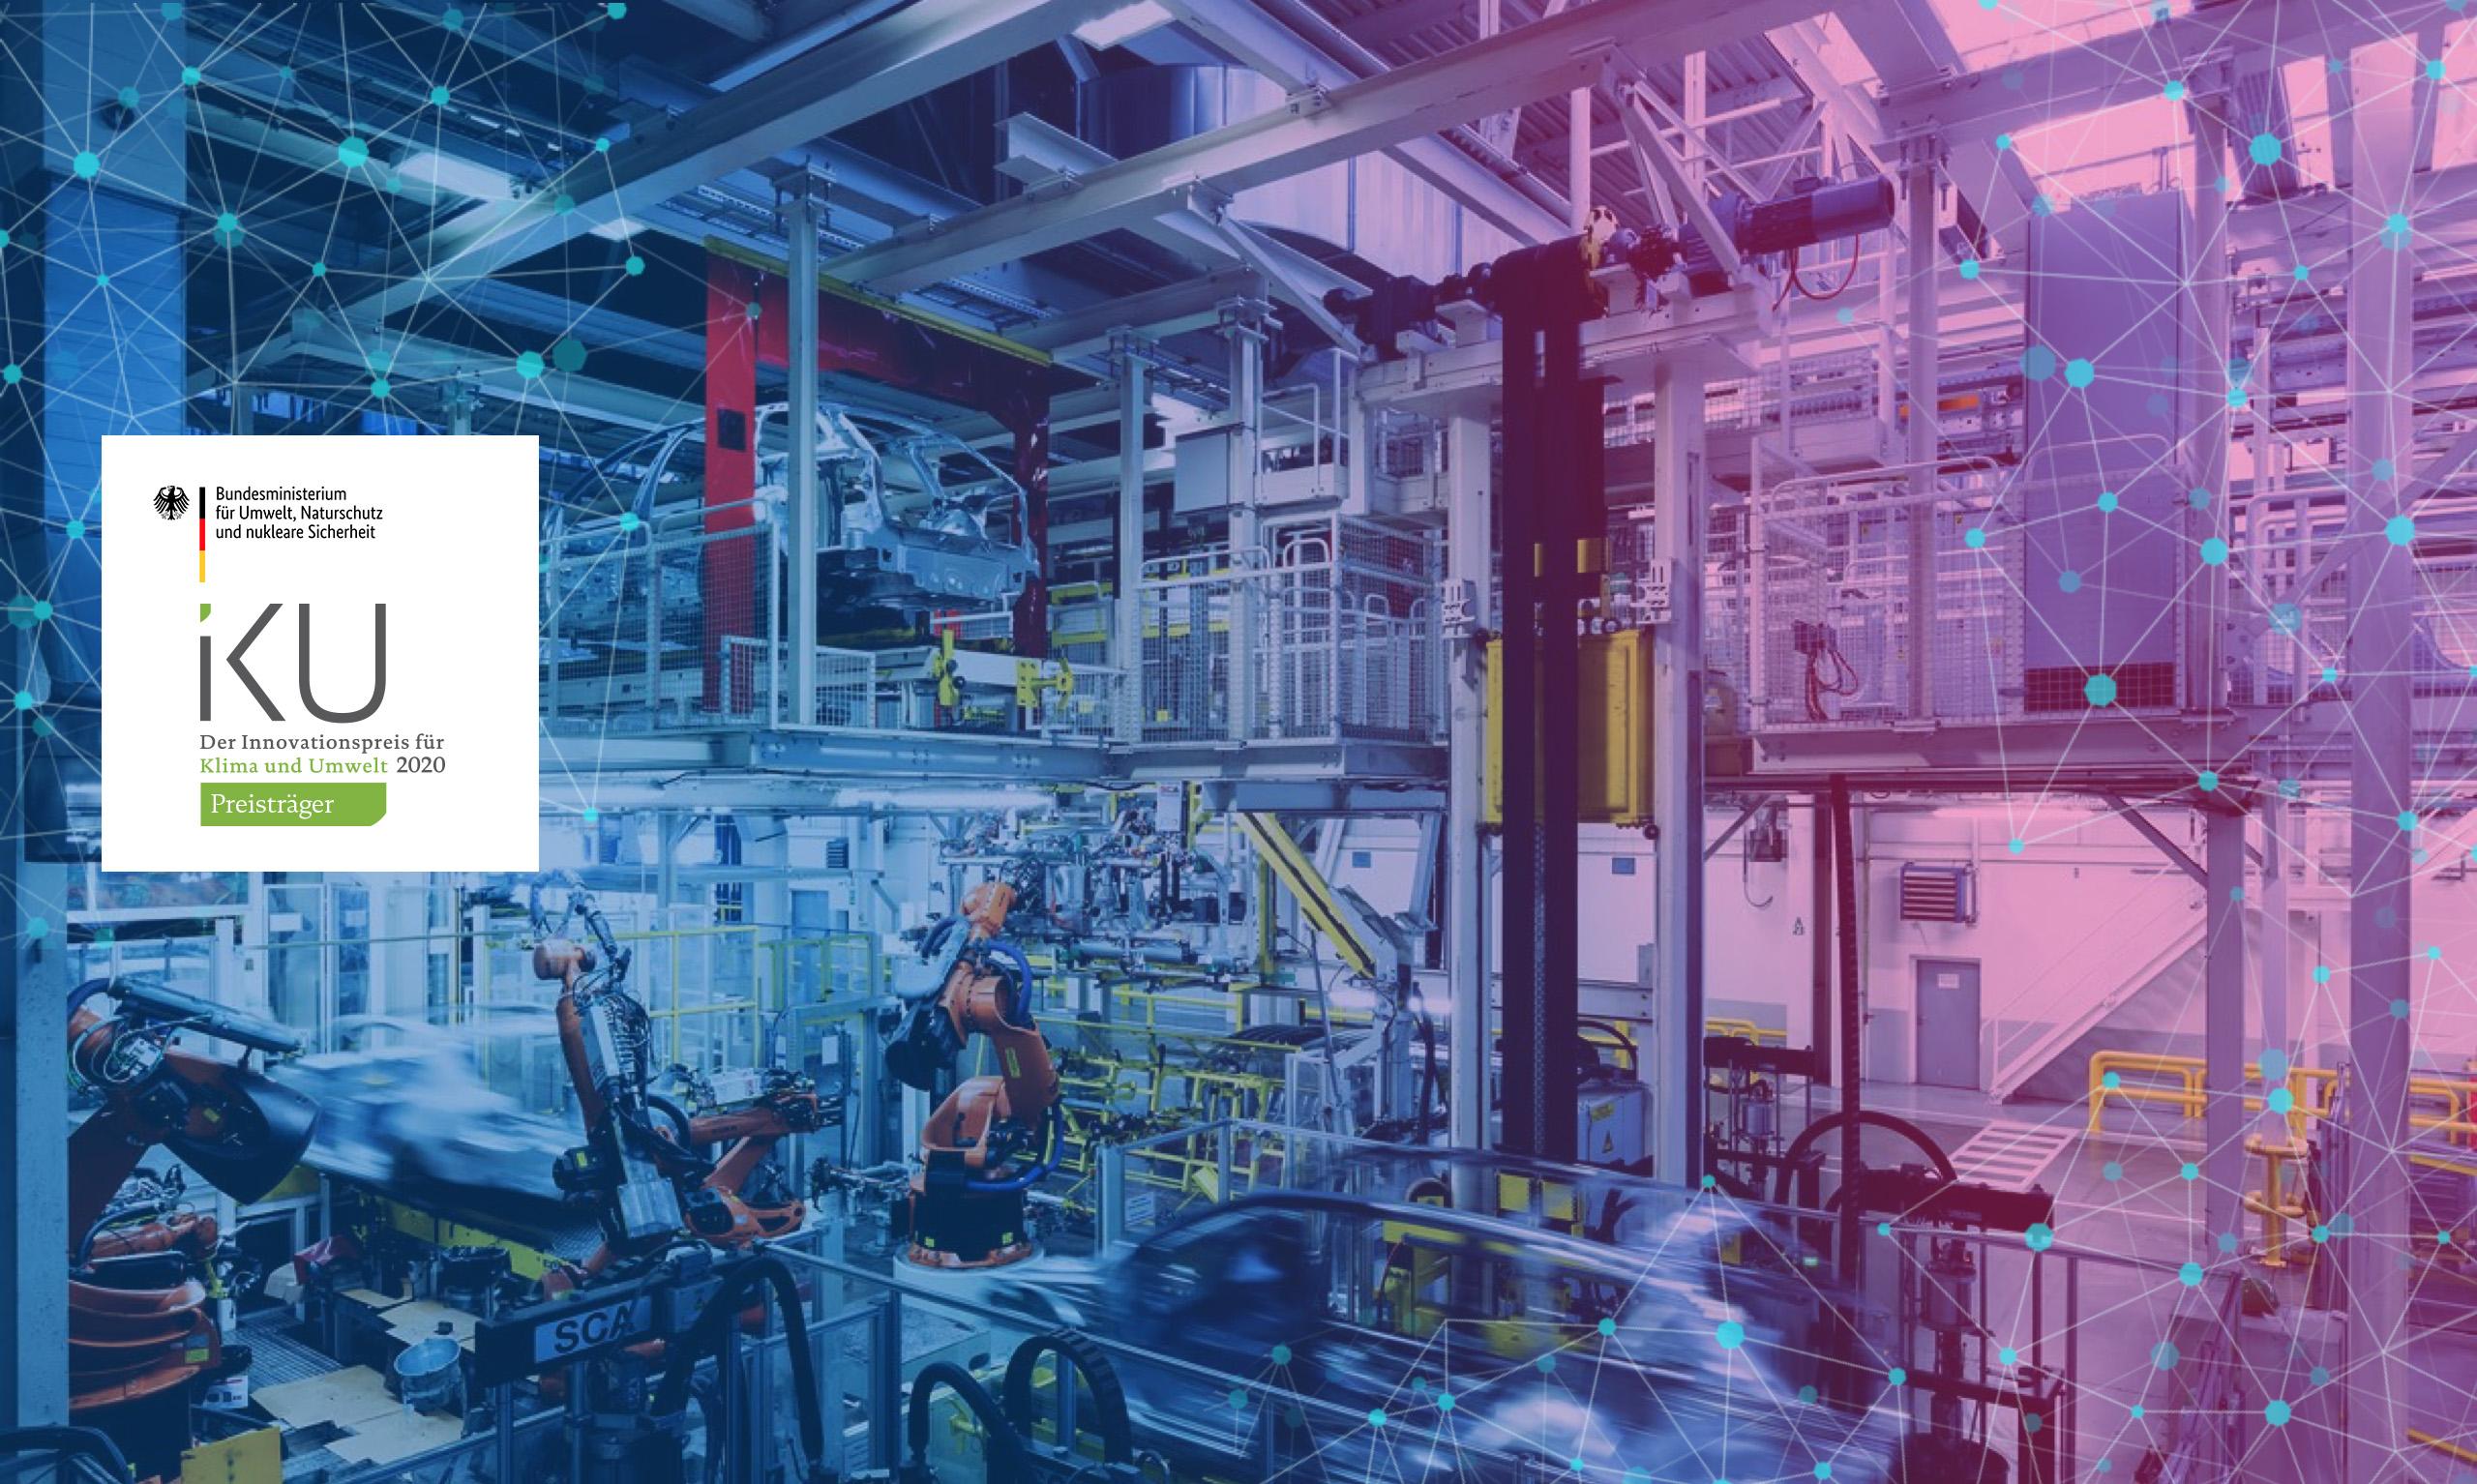 Aktives Energie Management für eine nachhaltige Industrie